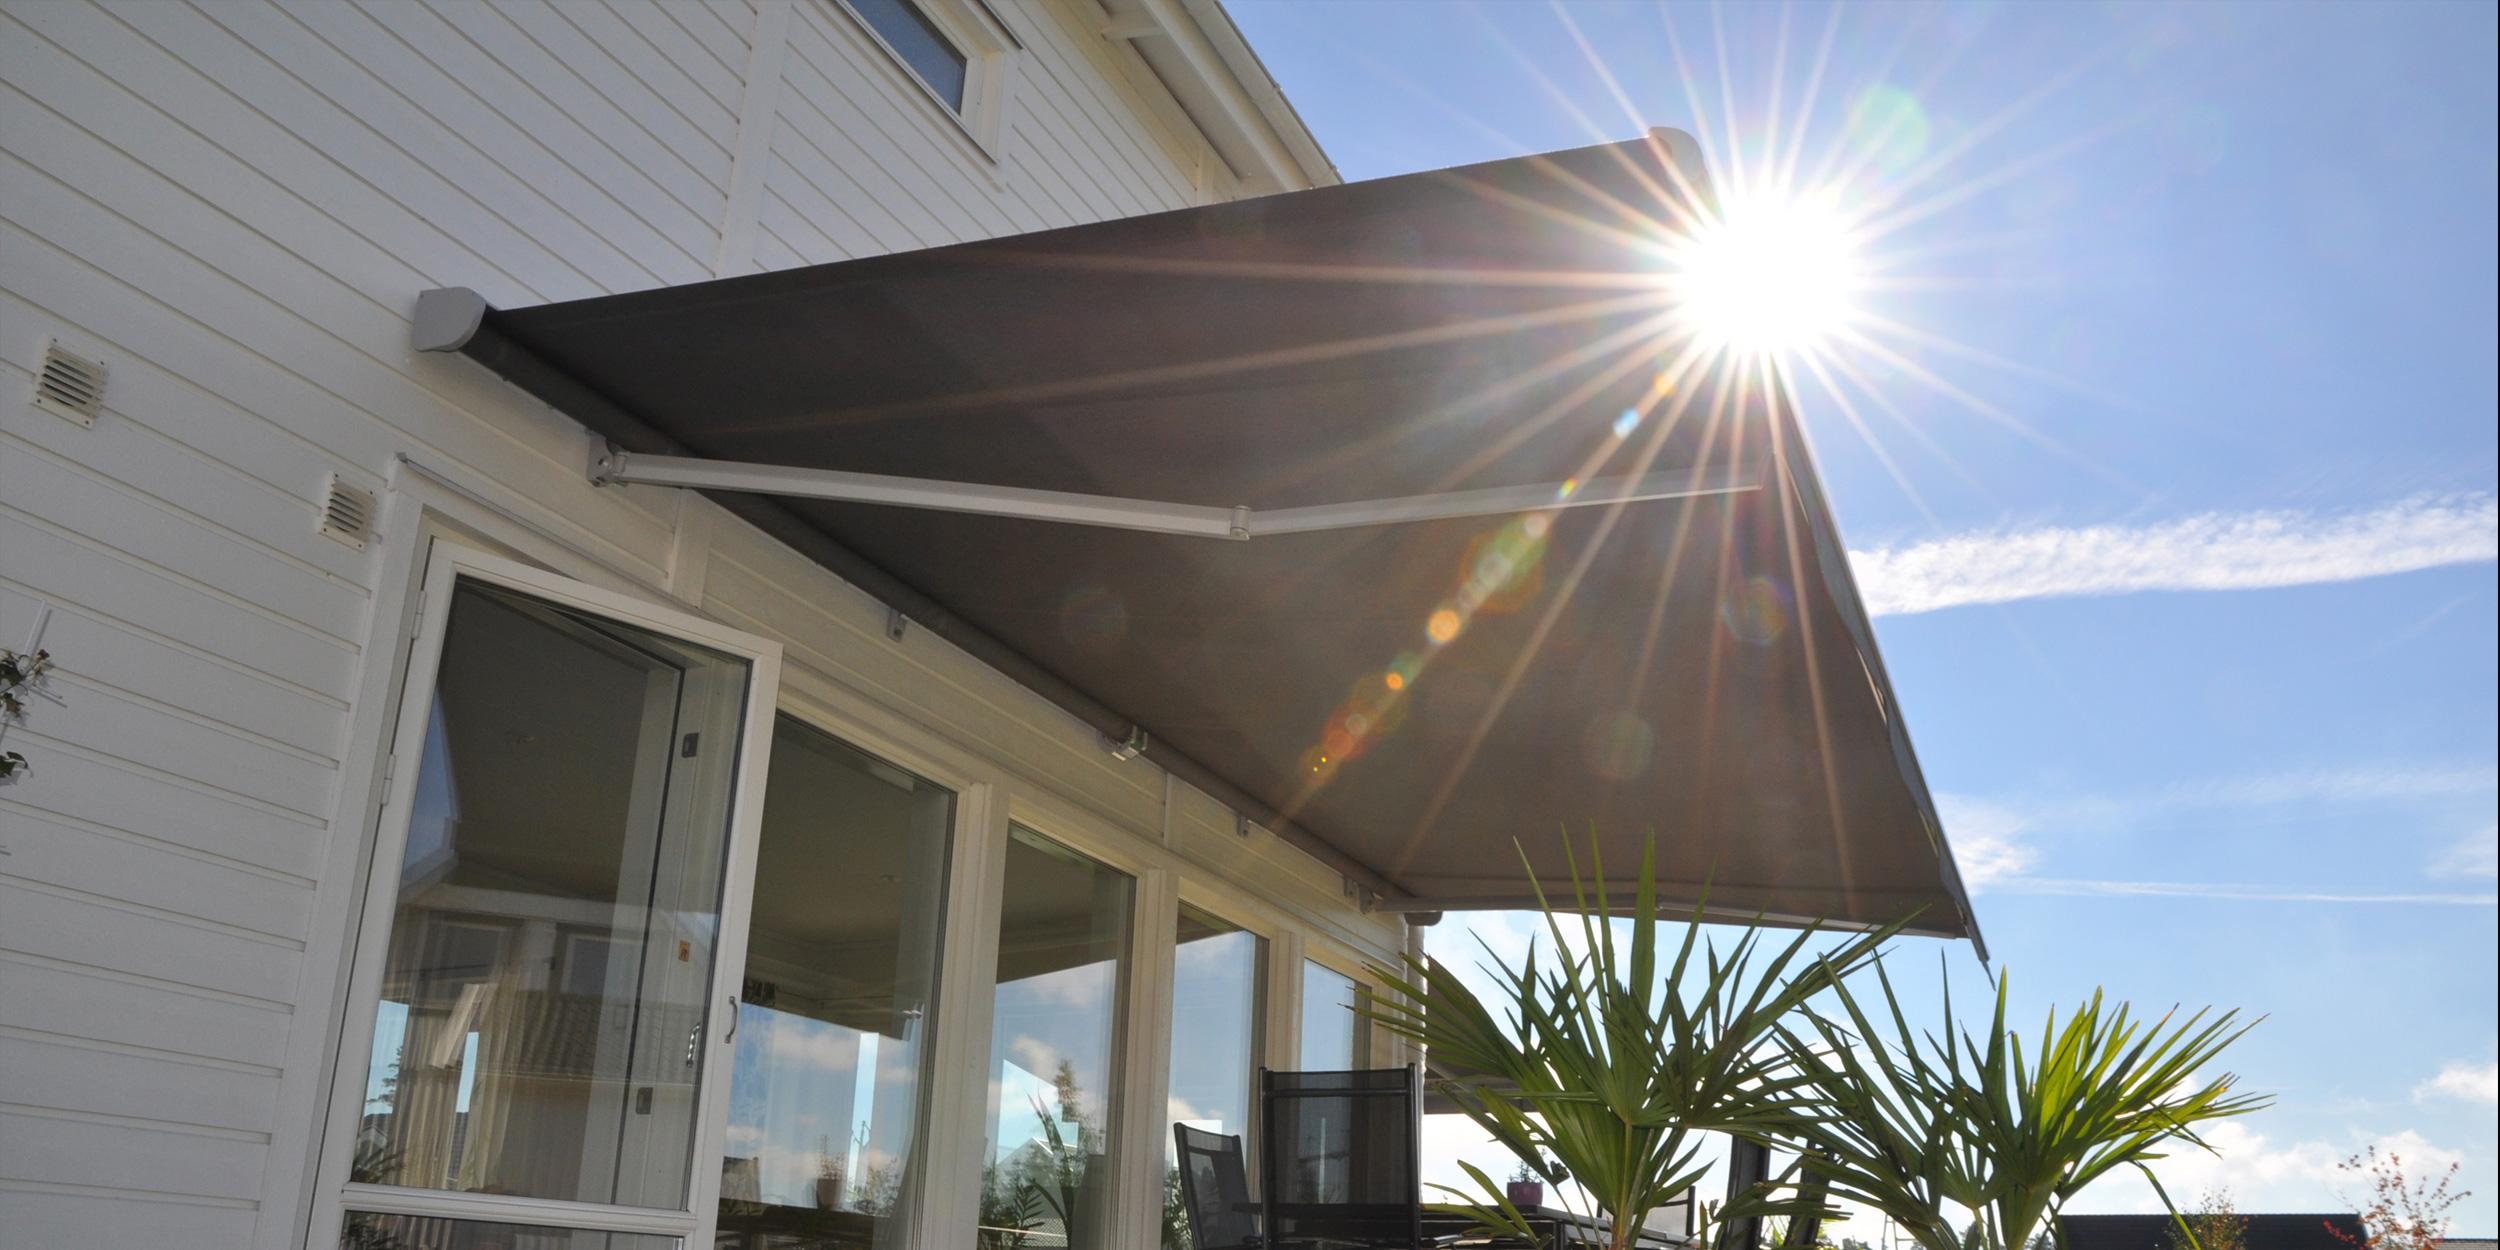 Vendita Tende Da Sole Parma select - tenda da sole a bracci estensibili su barra triangolare